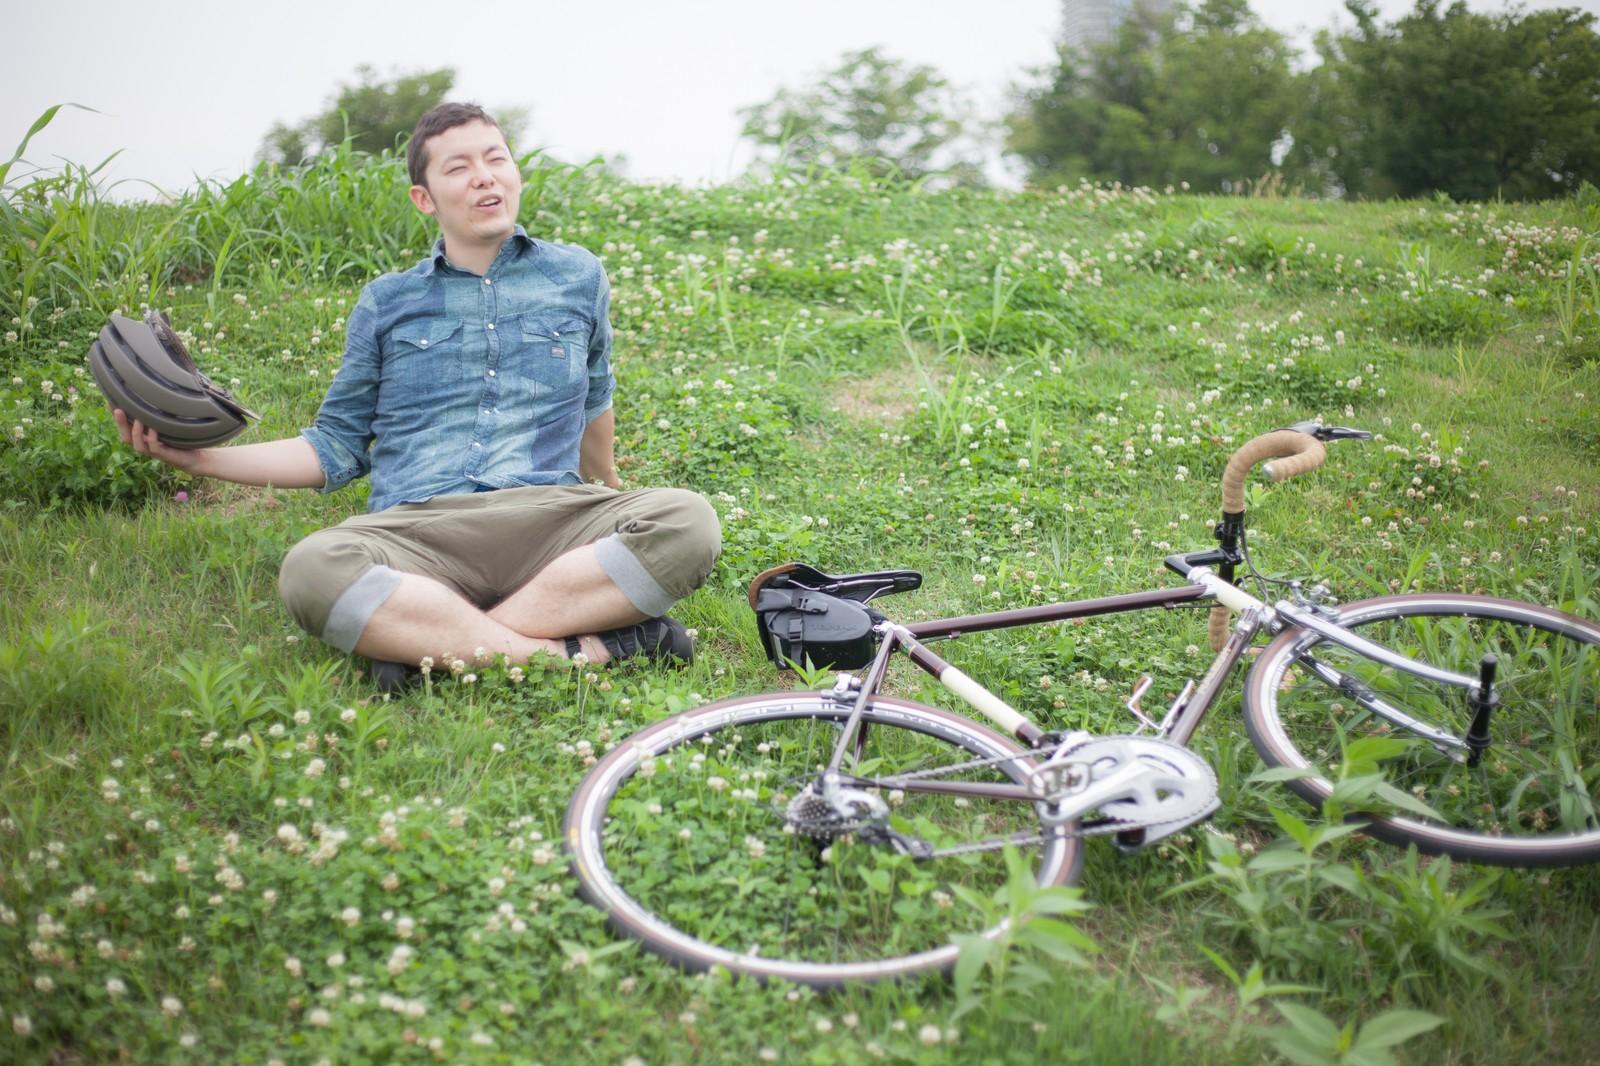 自転車は体力作りになる?距離は何kmがベスト?恐怖のデータが!